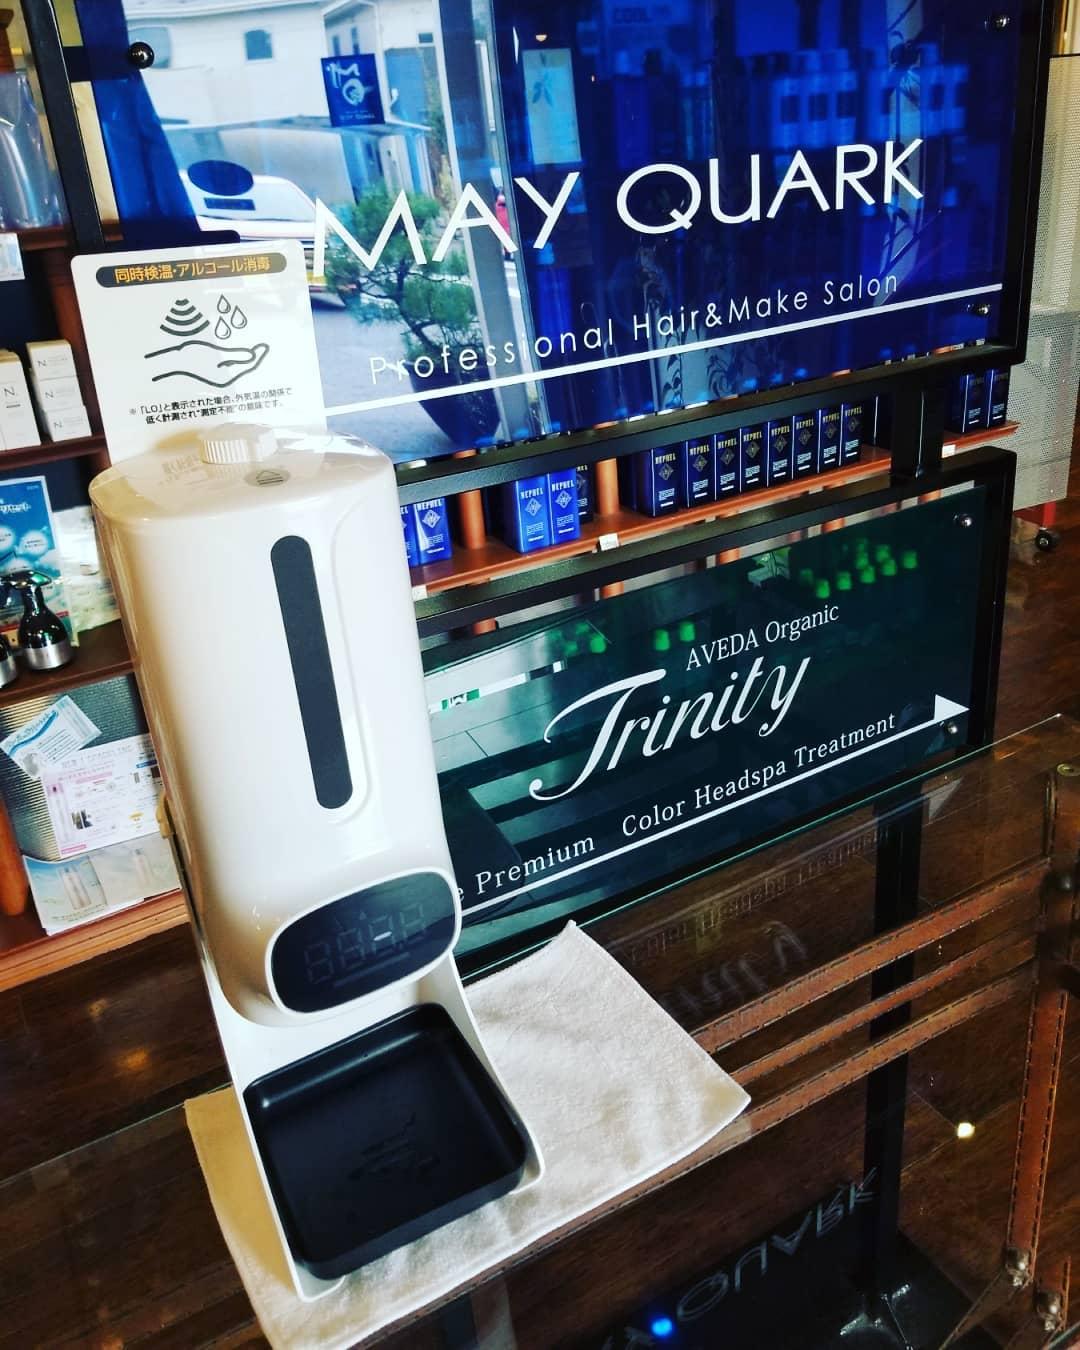 """消毒と検温が同時にできる機械を導入しました!!入り口に設置しております。緊急事態宣言中ですが、少しでも安心してご利用していただけるように""""感染対策""""をしっかりしながら営業しております♡#宇都宮#美容室#宇都宮美容室#駅東#mayquark#メイクォーク#カット#カラー#カラーカット#ブリーチ#ハイライト#パーマ#ストレート#ストレートパーマ#縮毛矯正#トリートメント#シャンプー#ブロー#ヘアスタイル#ヘア#ヴィーガン#ヴィーガンカラー#hue#hueカラー#コスメパーマ#トゥーコスメ#アジュバン#サイエンスアクア#髪質改善"""